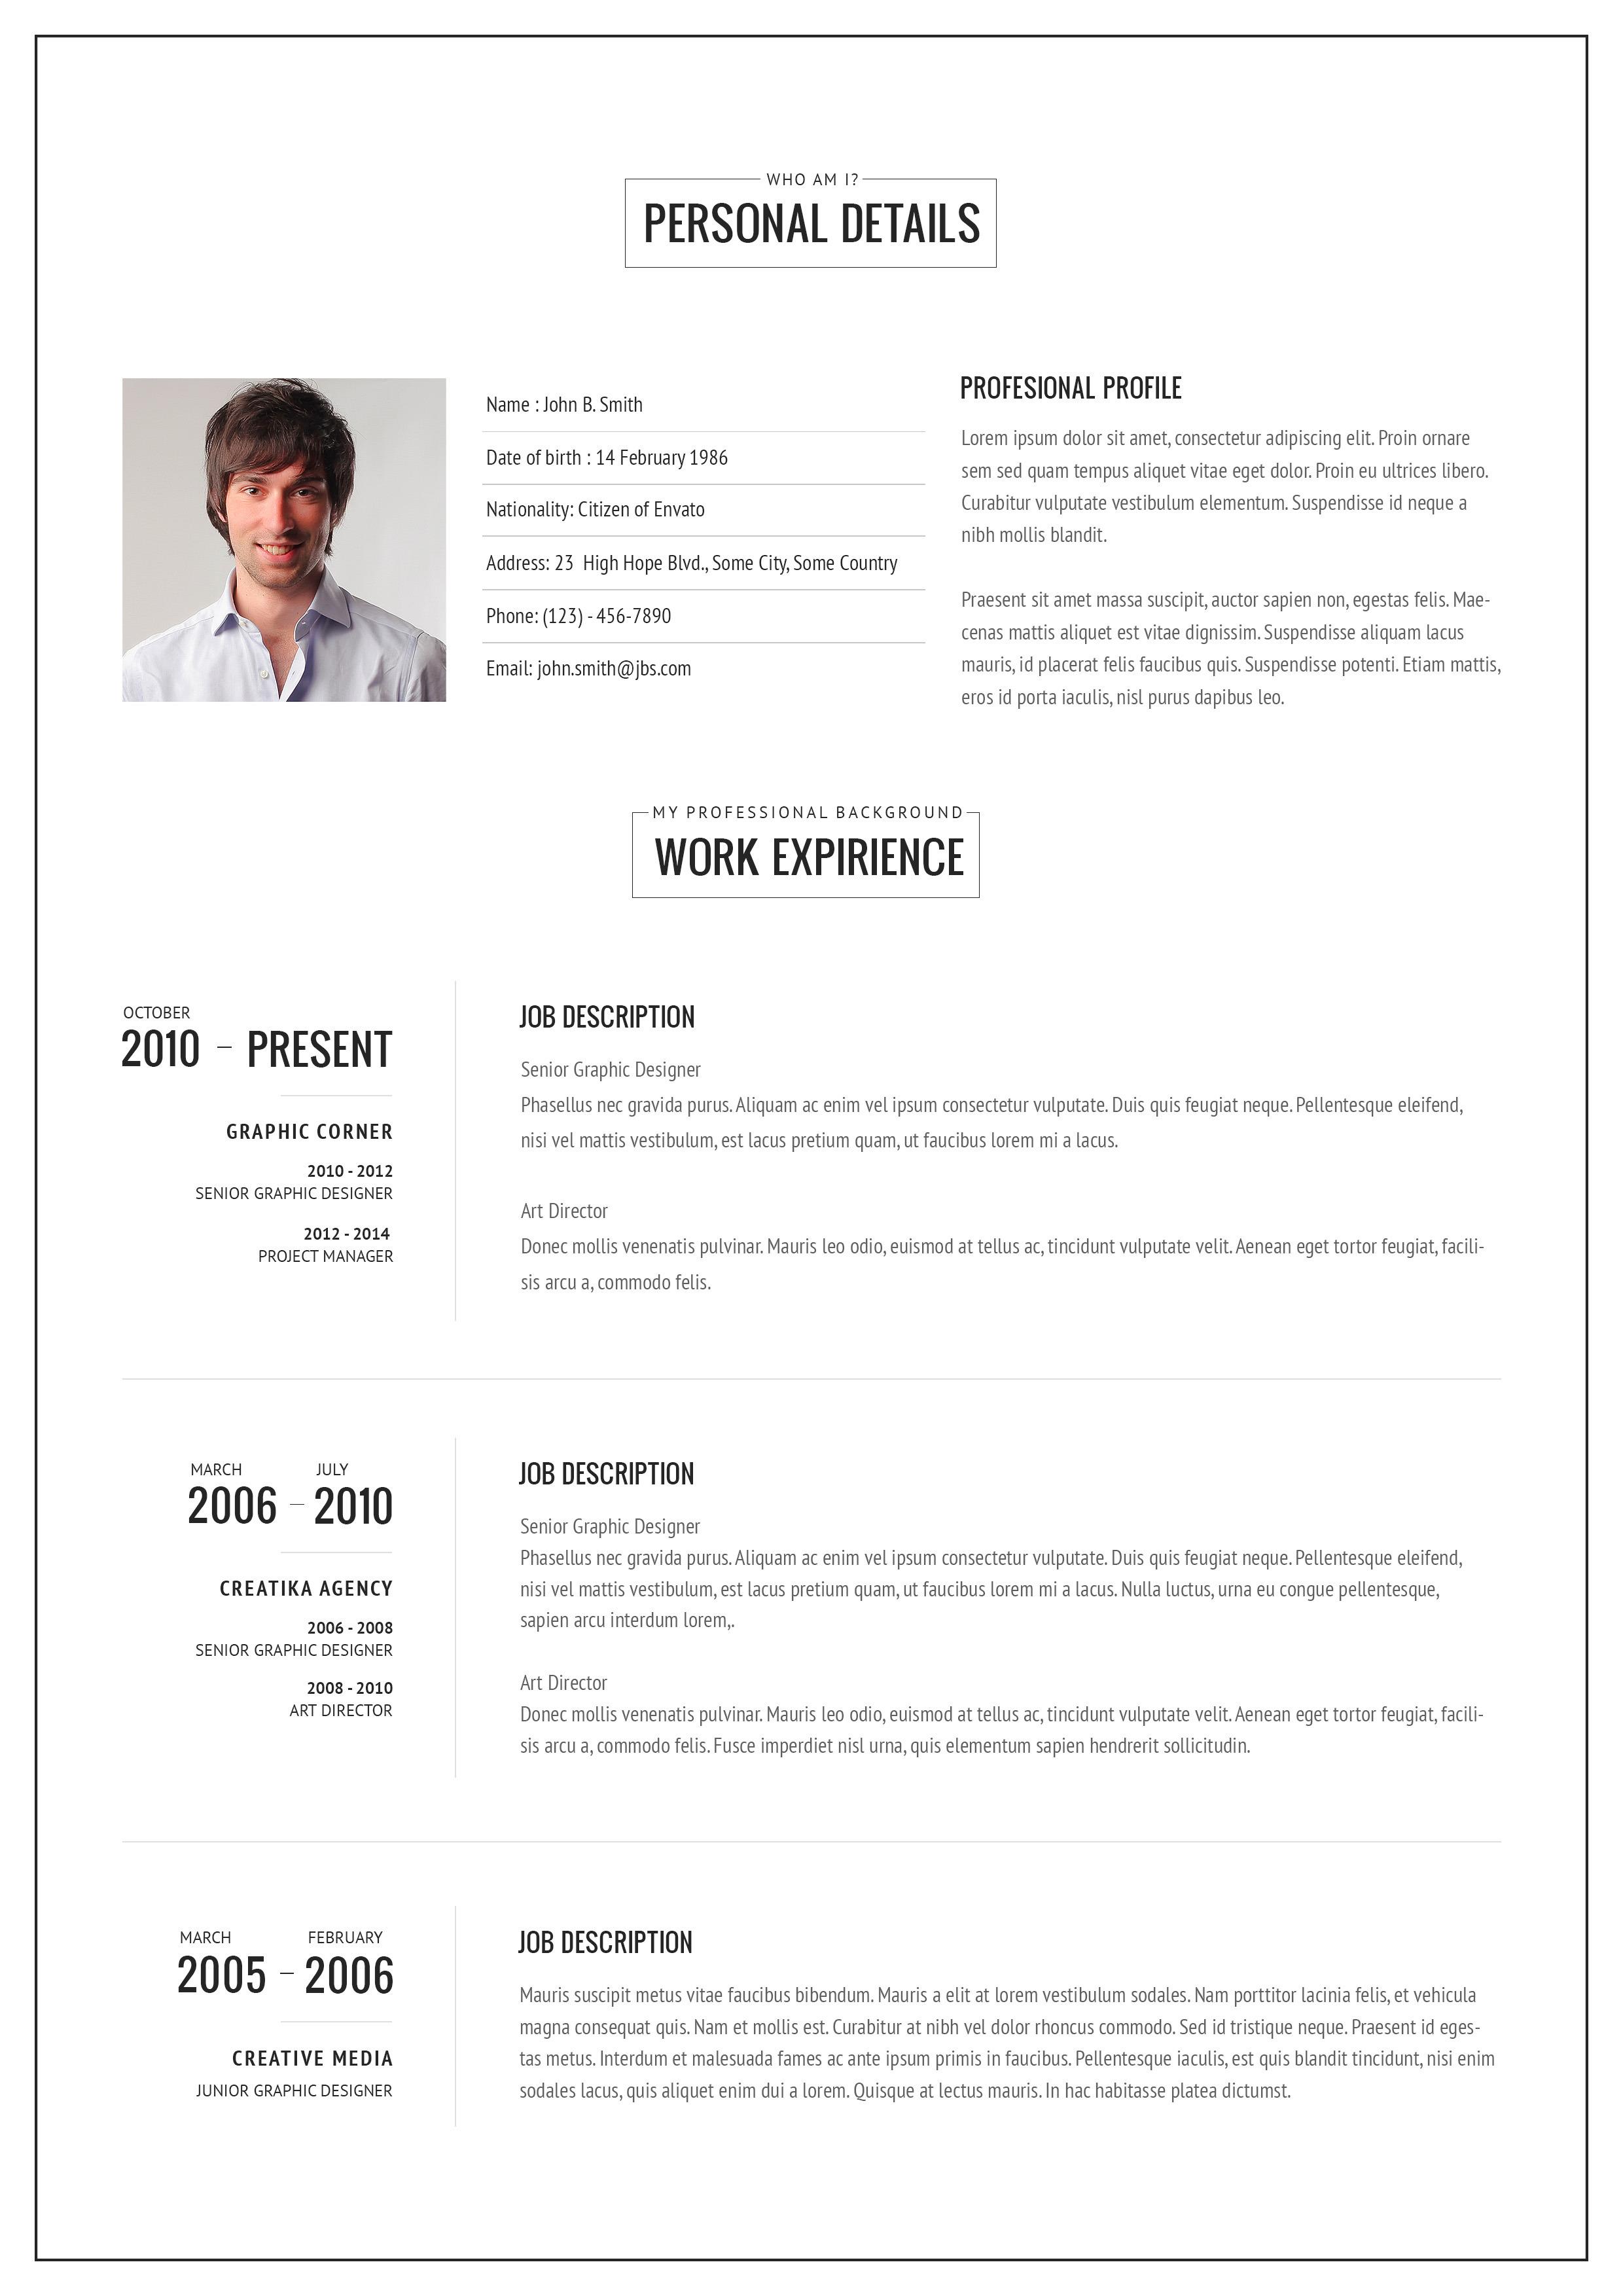 resume versus cv